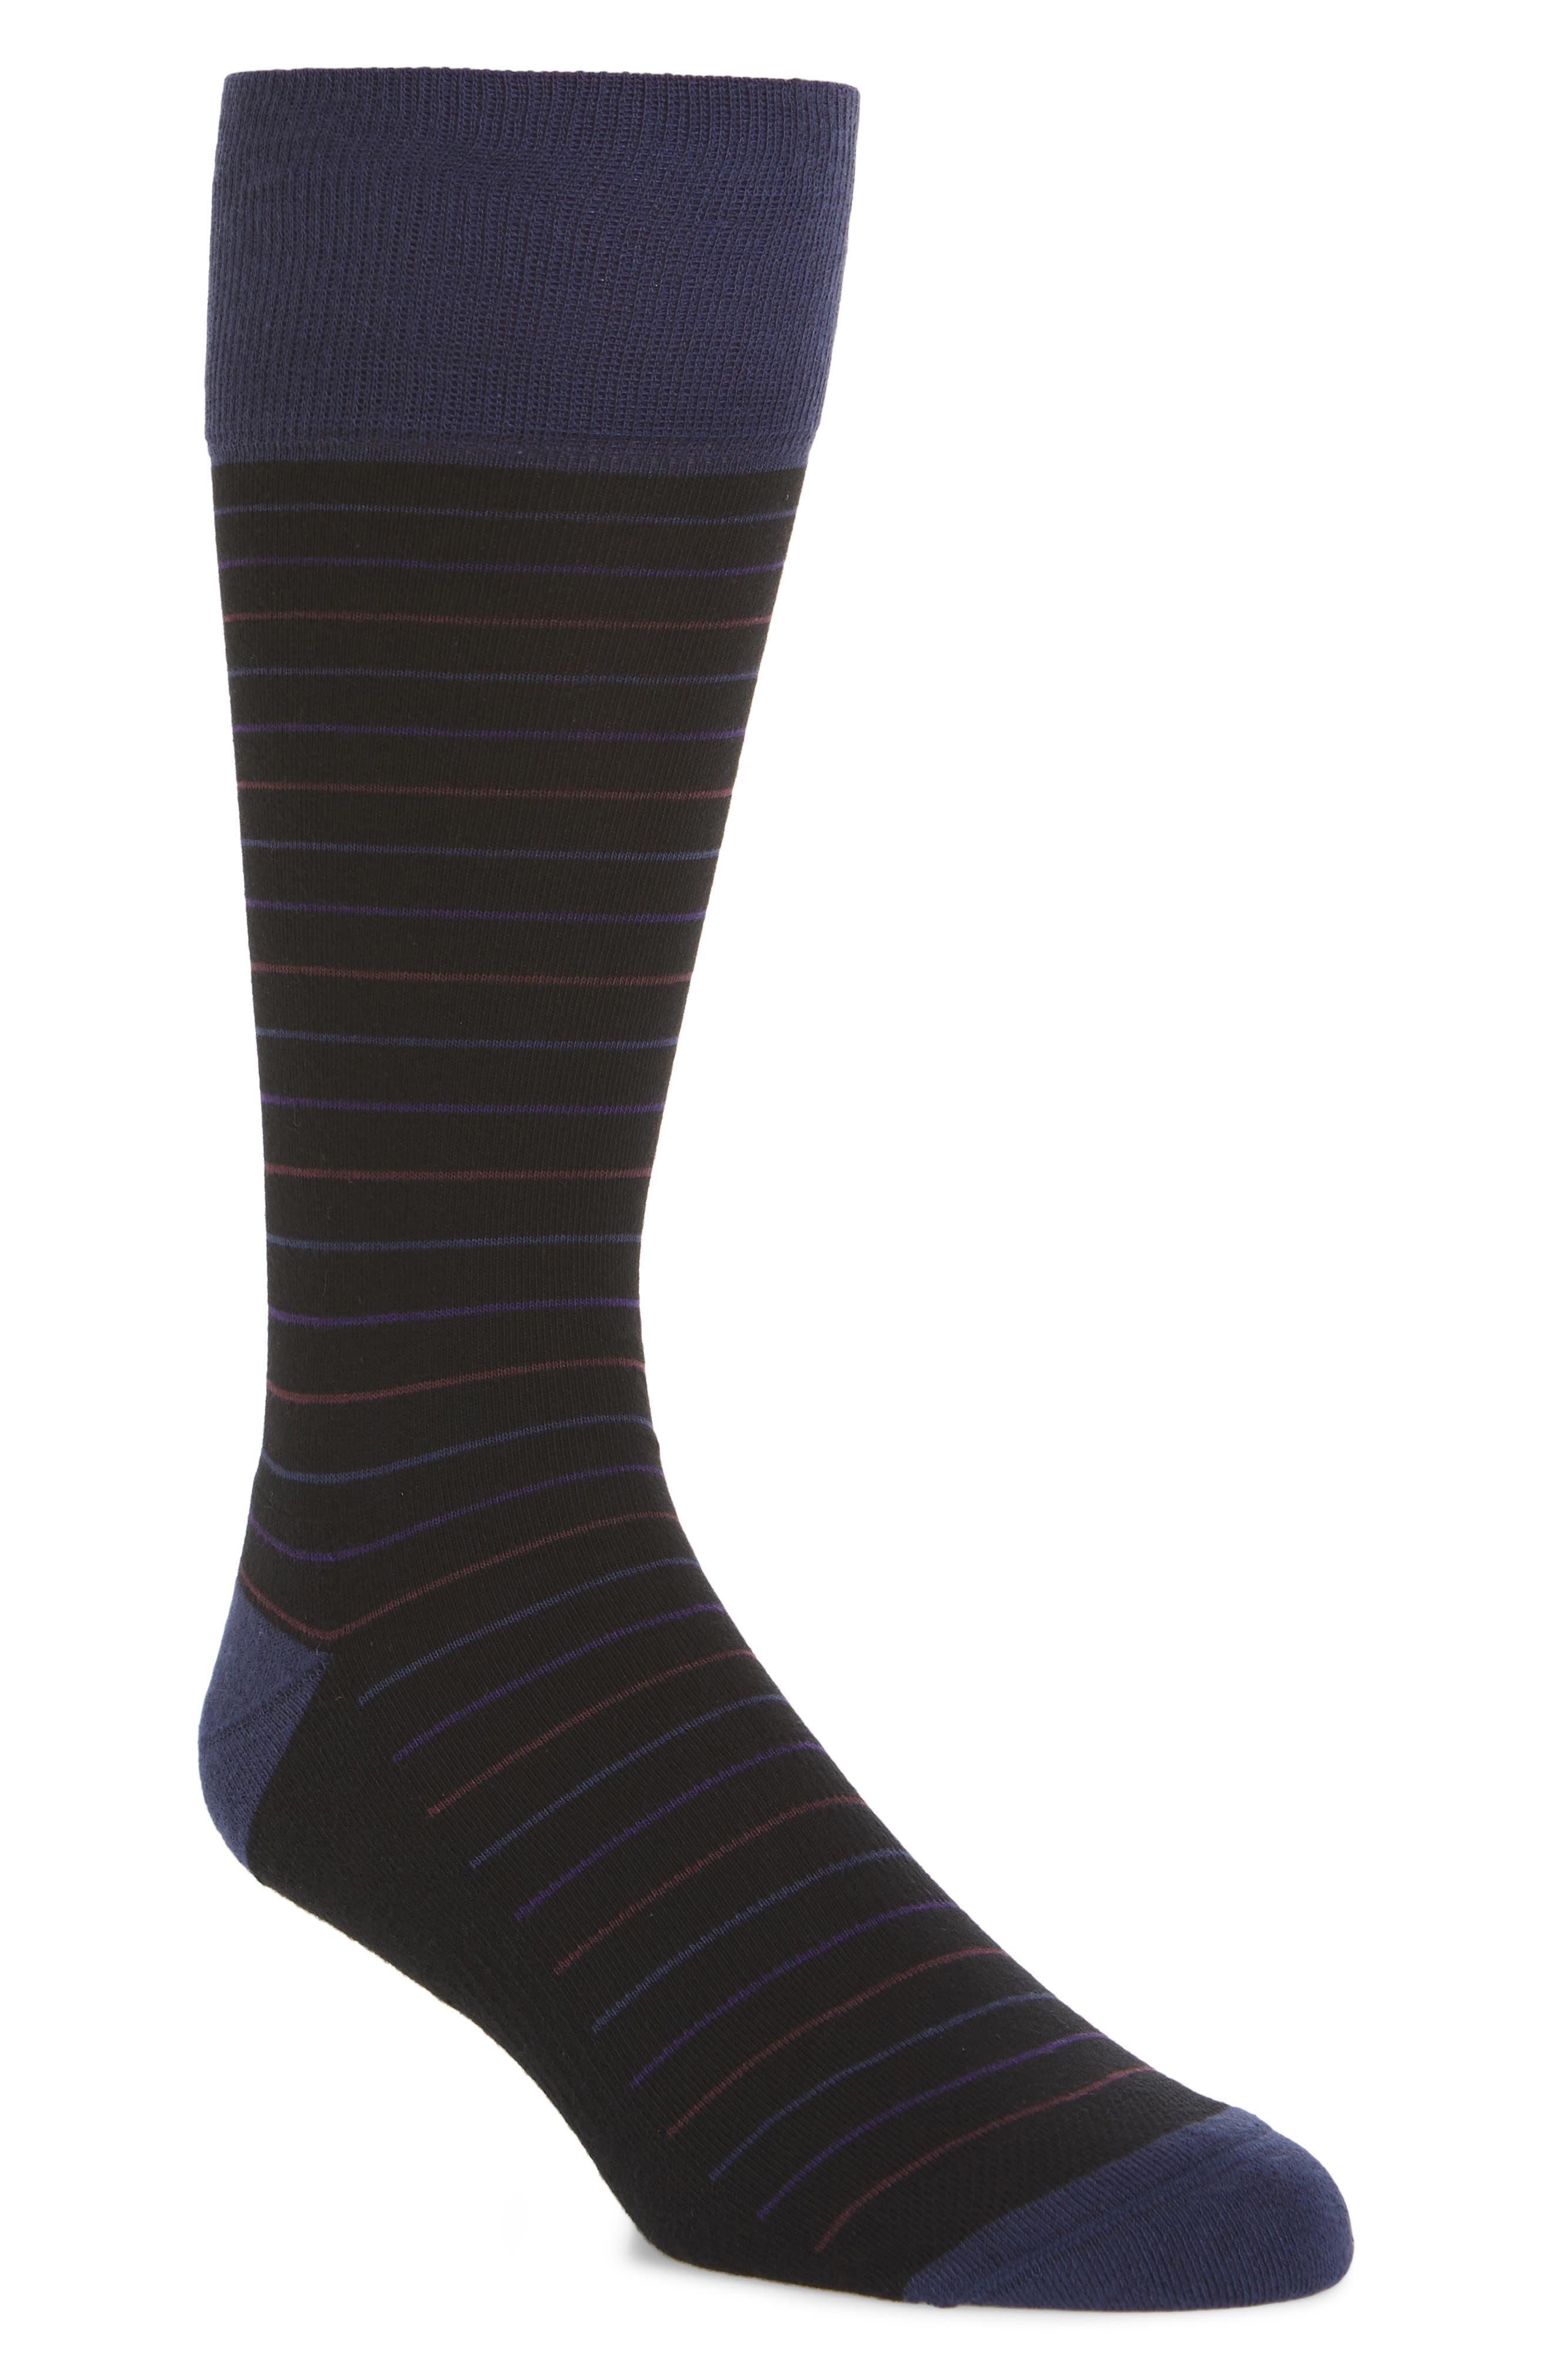 Stripe Socks,                             Main thumbnail 1, color,                             BLACK/ BLUE